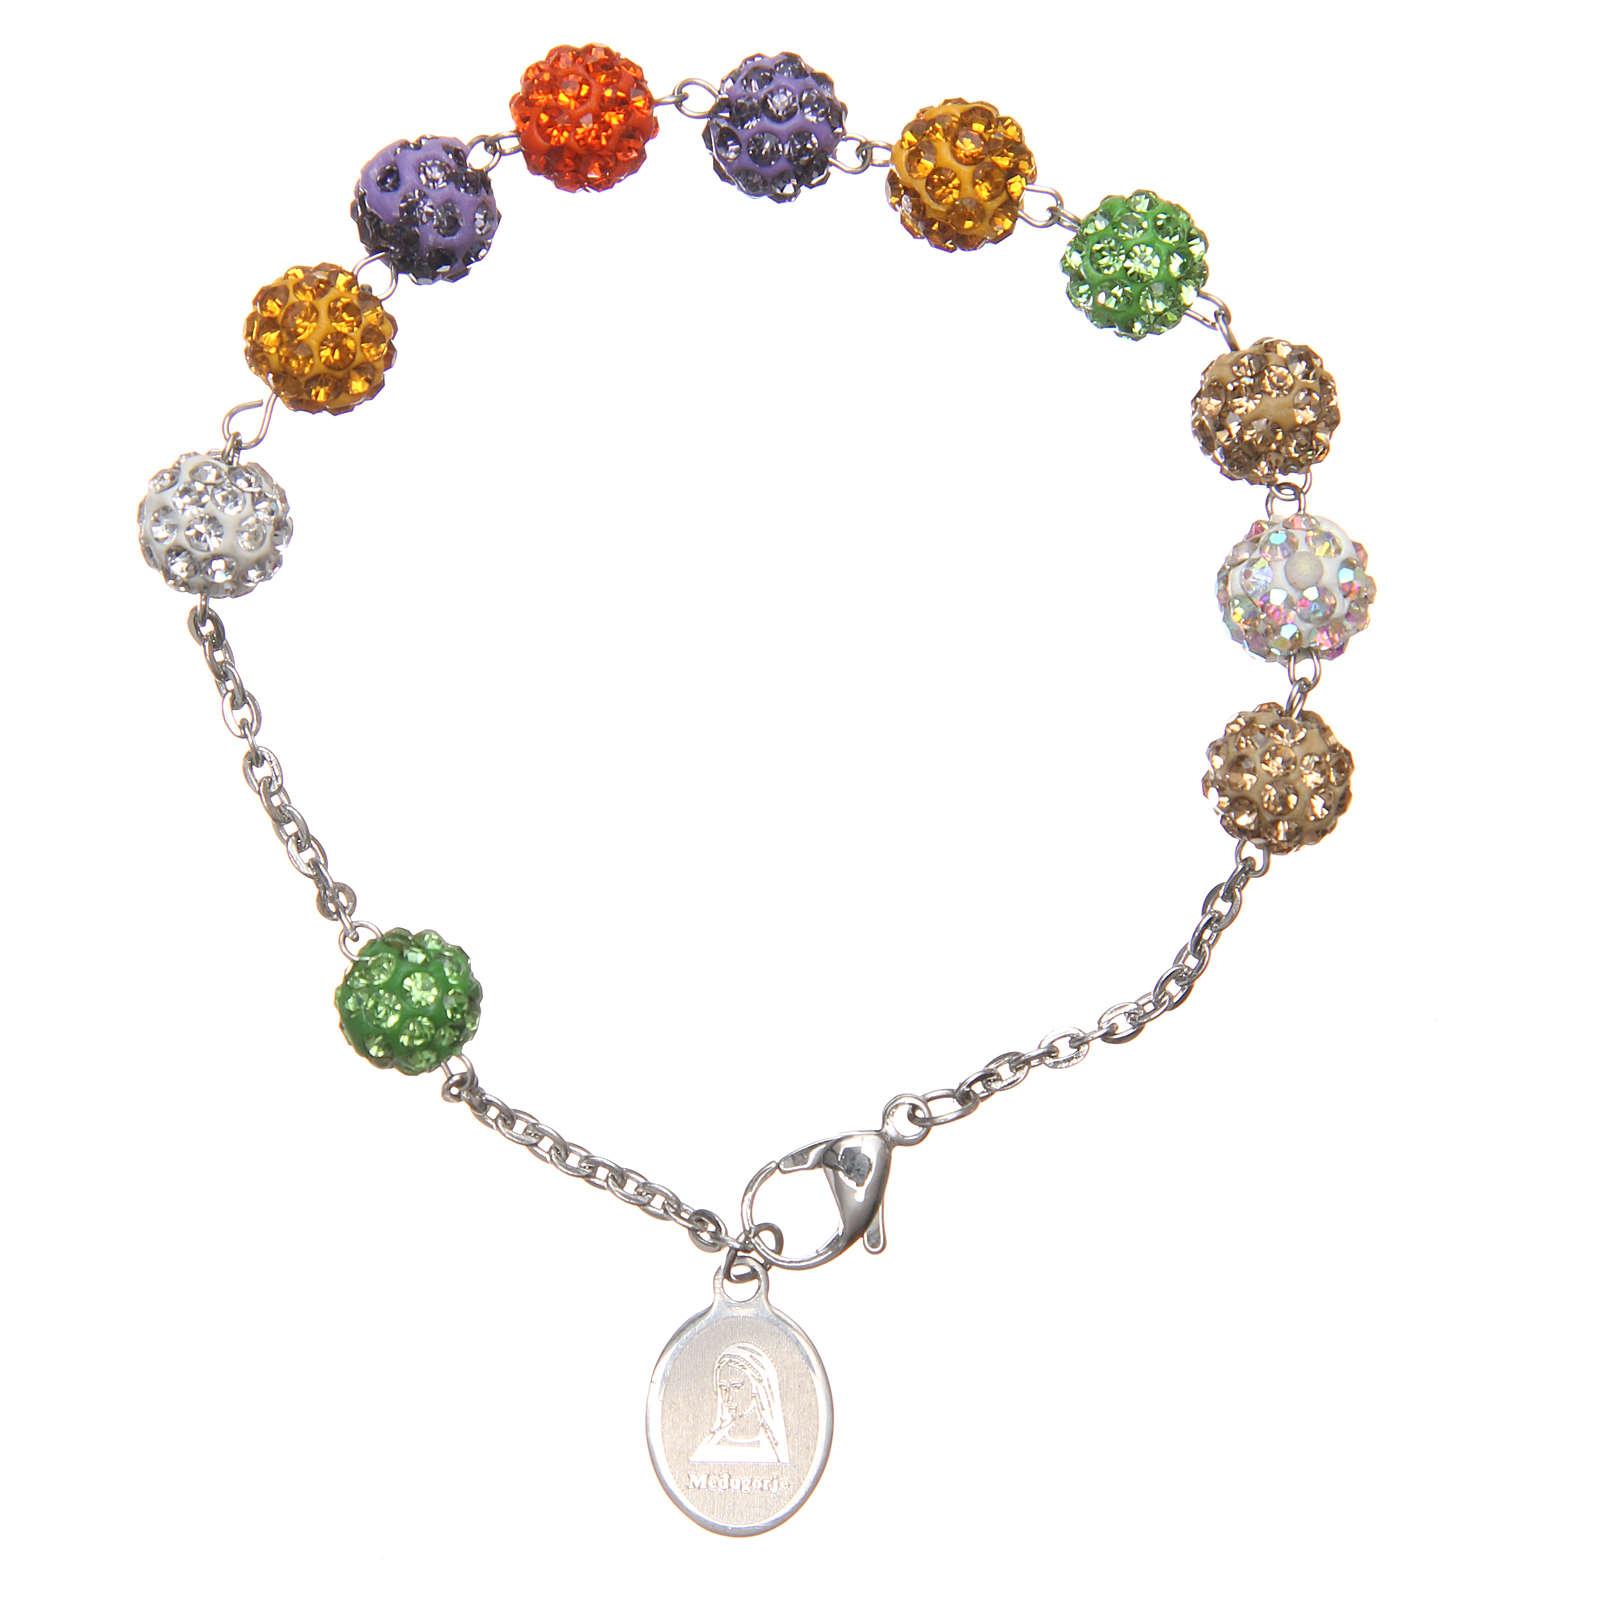 Bracelet shiny multicolor beads Medjugorje 4